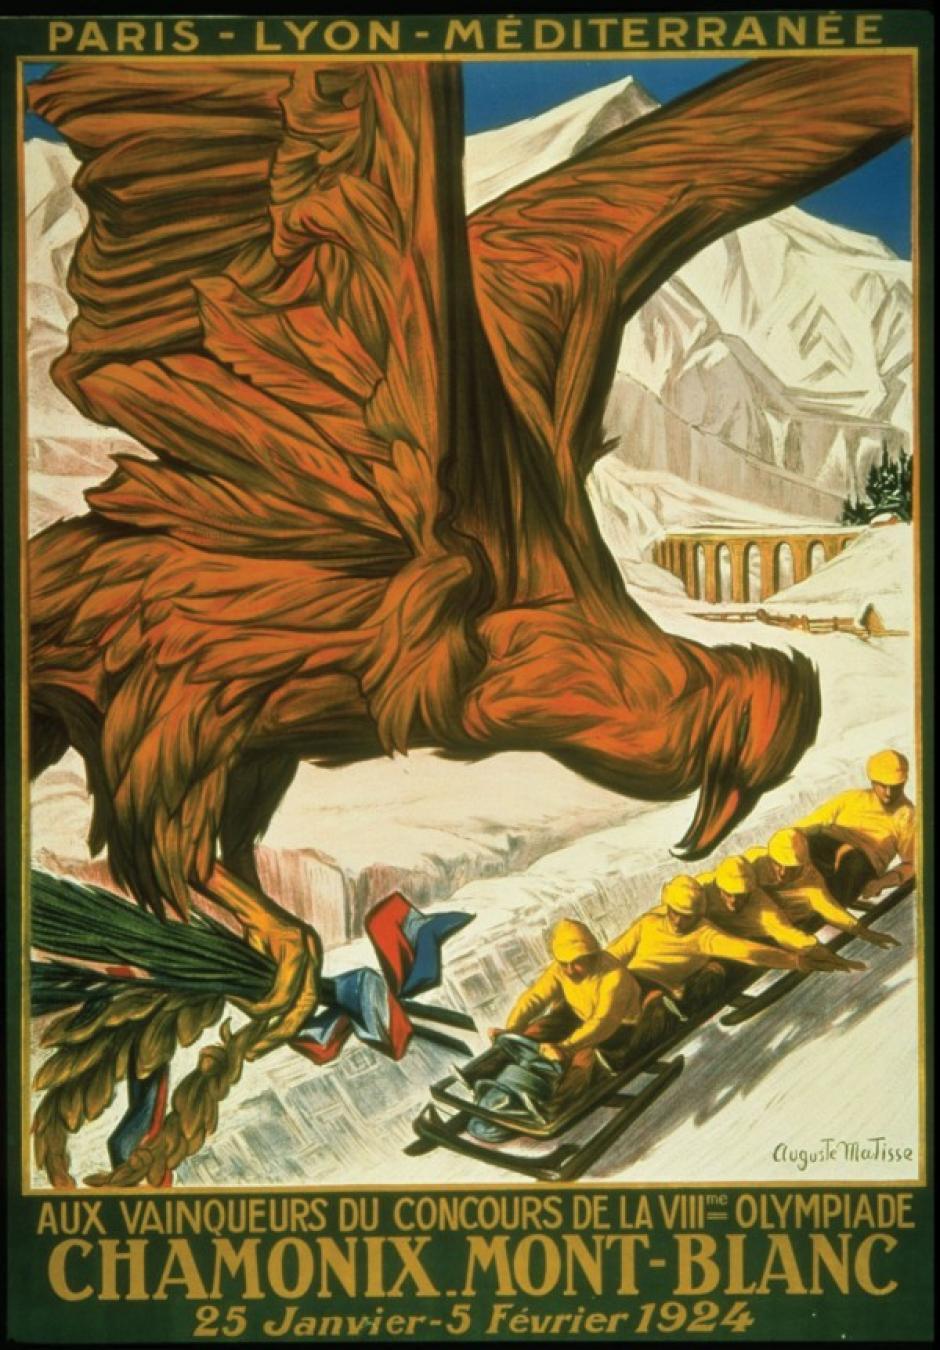 Los Juegos Olímpicos de Invierno de 1924 en Chamonix-Mont-Blanc.